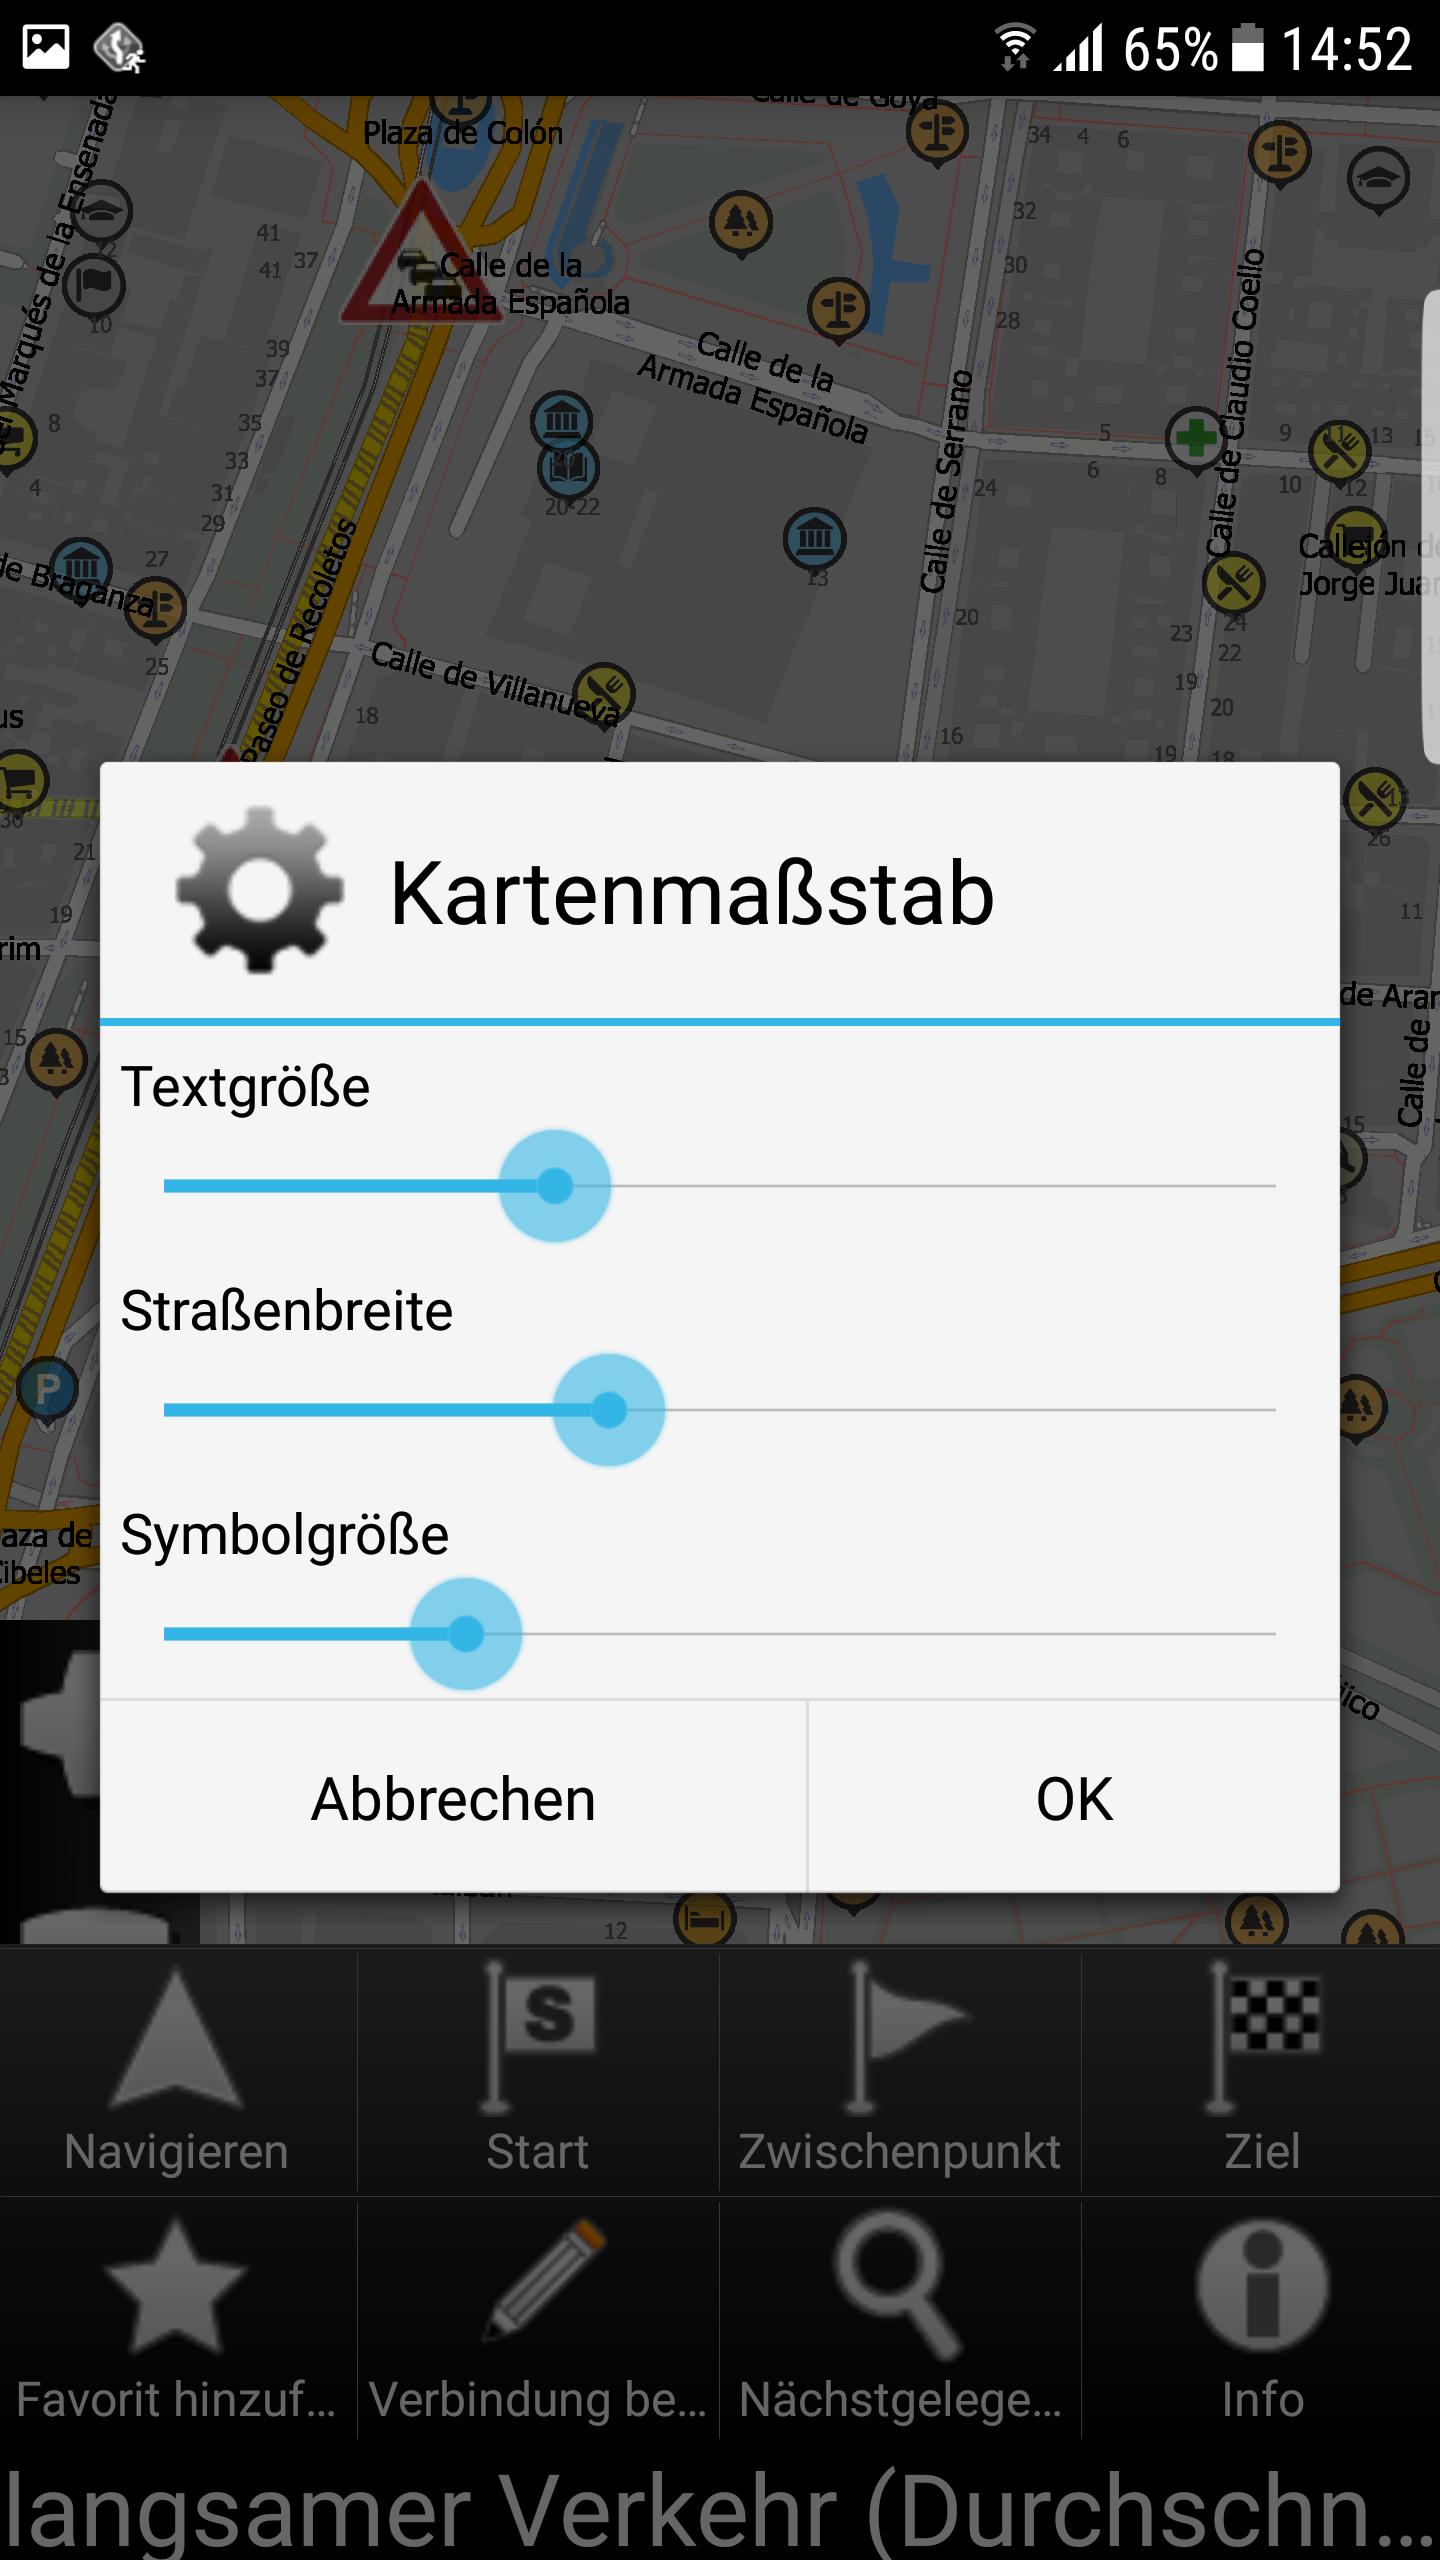 mapFactor Navigator 3.1 - Kartenmassstab